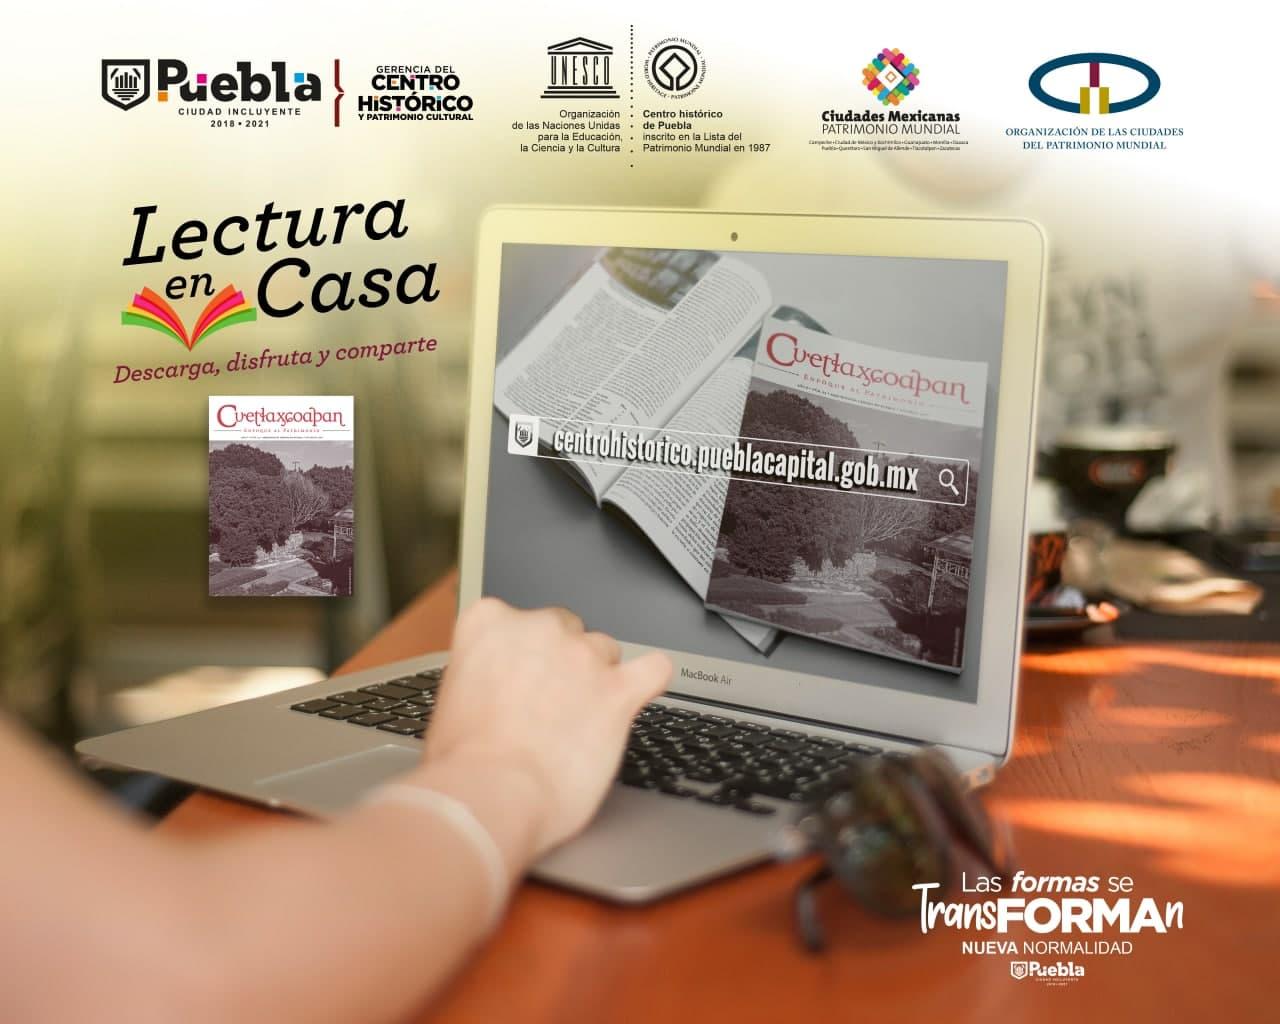 Revista Cuetlaxcoapan resalta la importancia de la arqueología urbana para la capital poblana